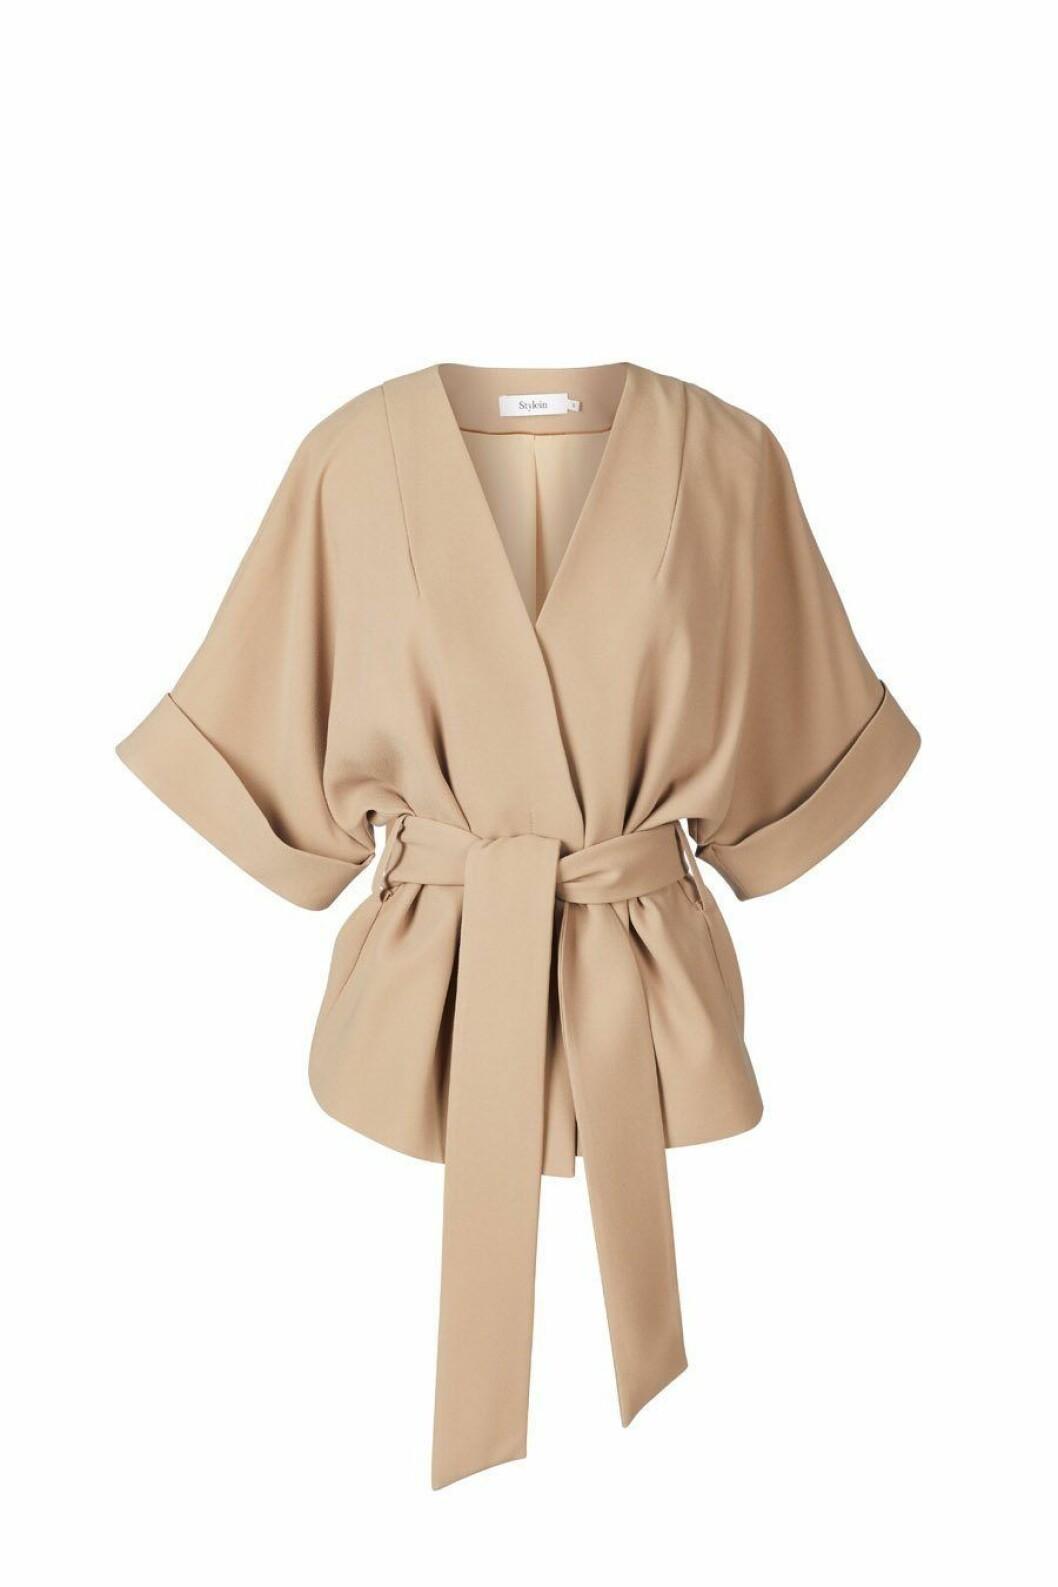 Stylein erbjuder fina kostym-set som både är sköna och stilsäkra.